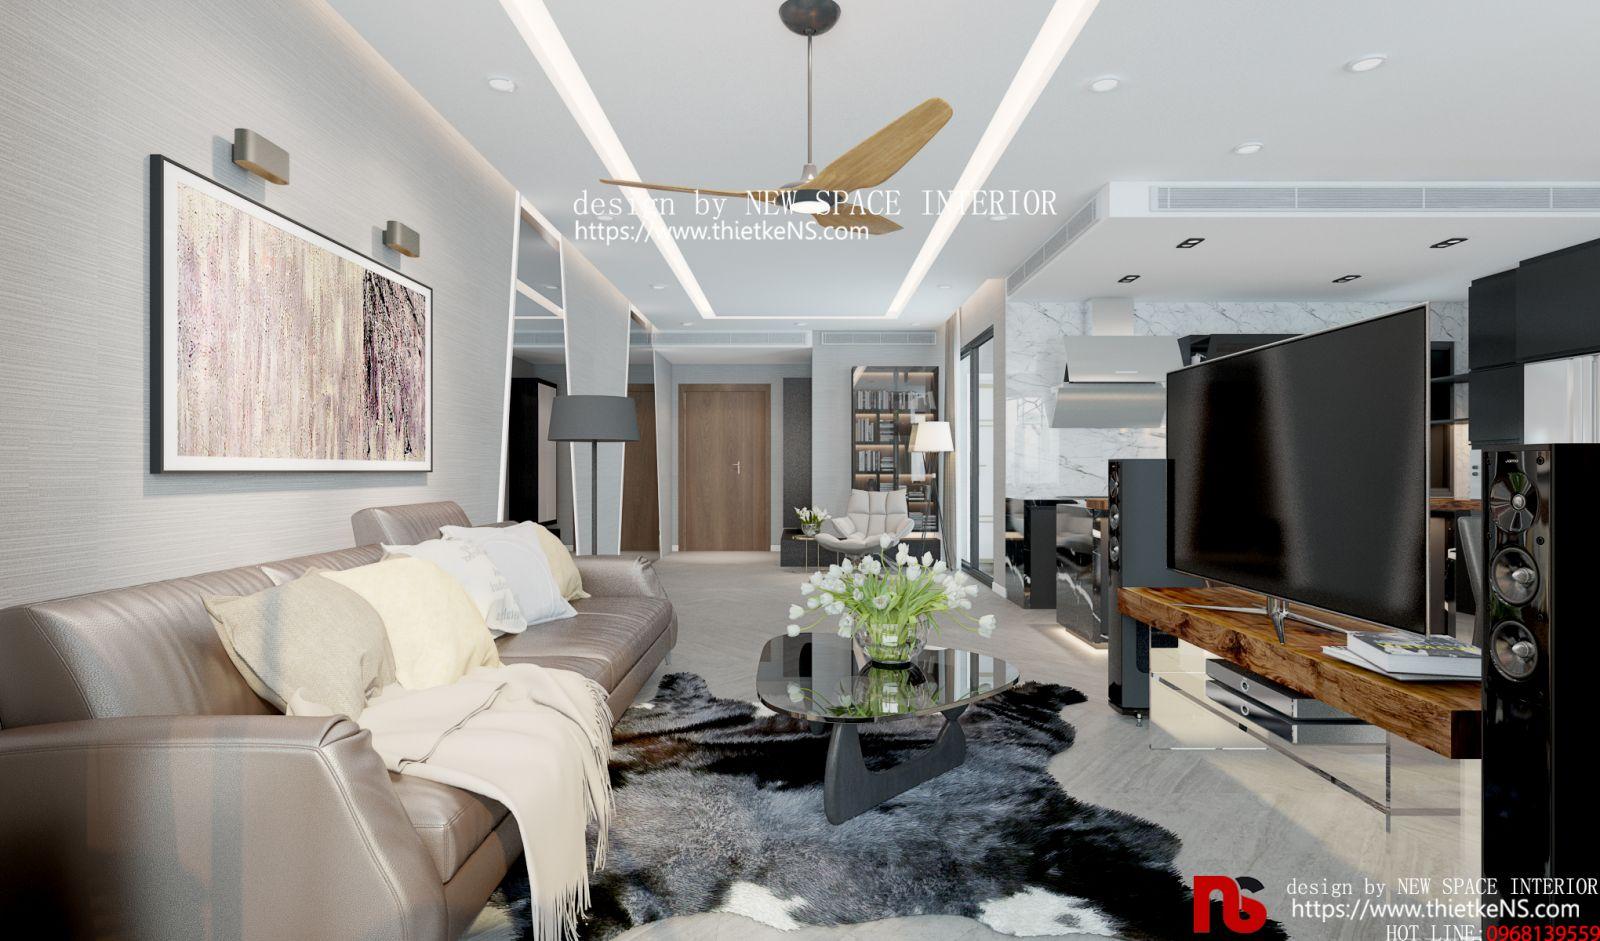 Thiết kế nội thất phòng chung cư khách hiện đại